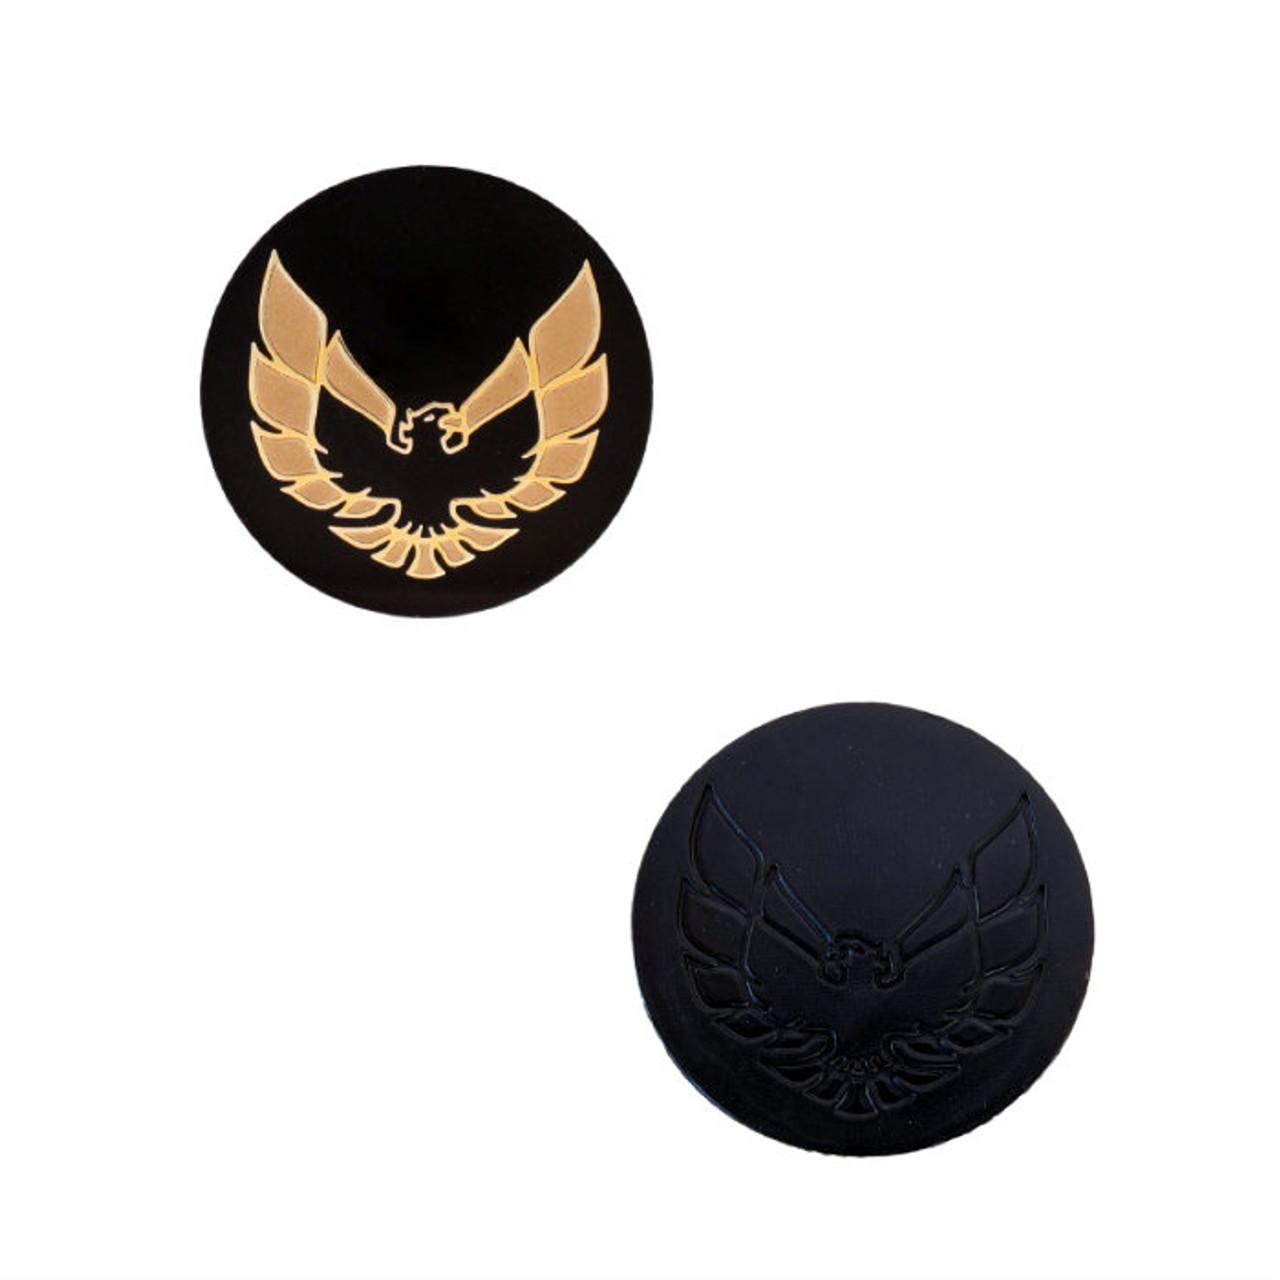 1977-1984 Pontiac Firebird Wheel Center Cap Emblem Gold